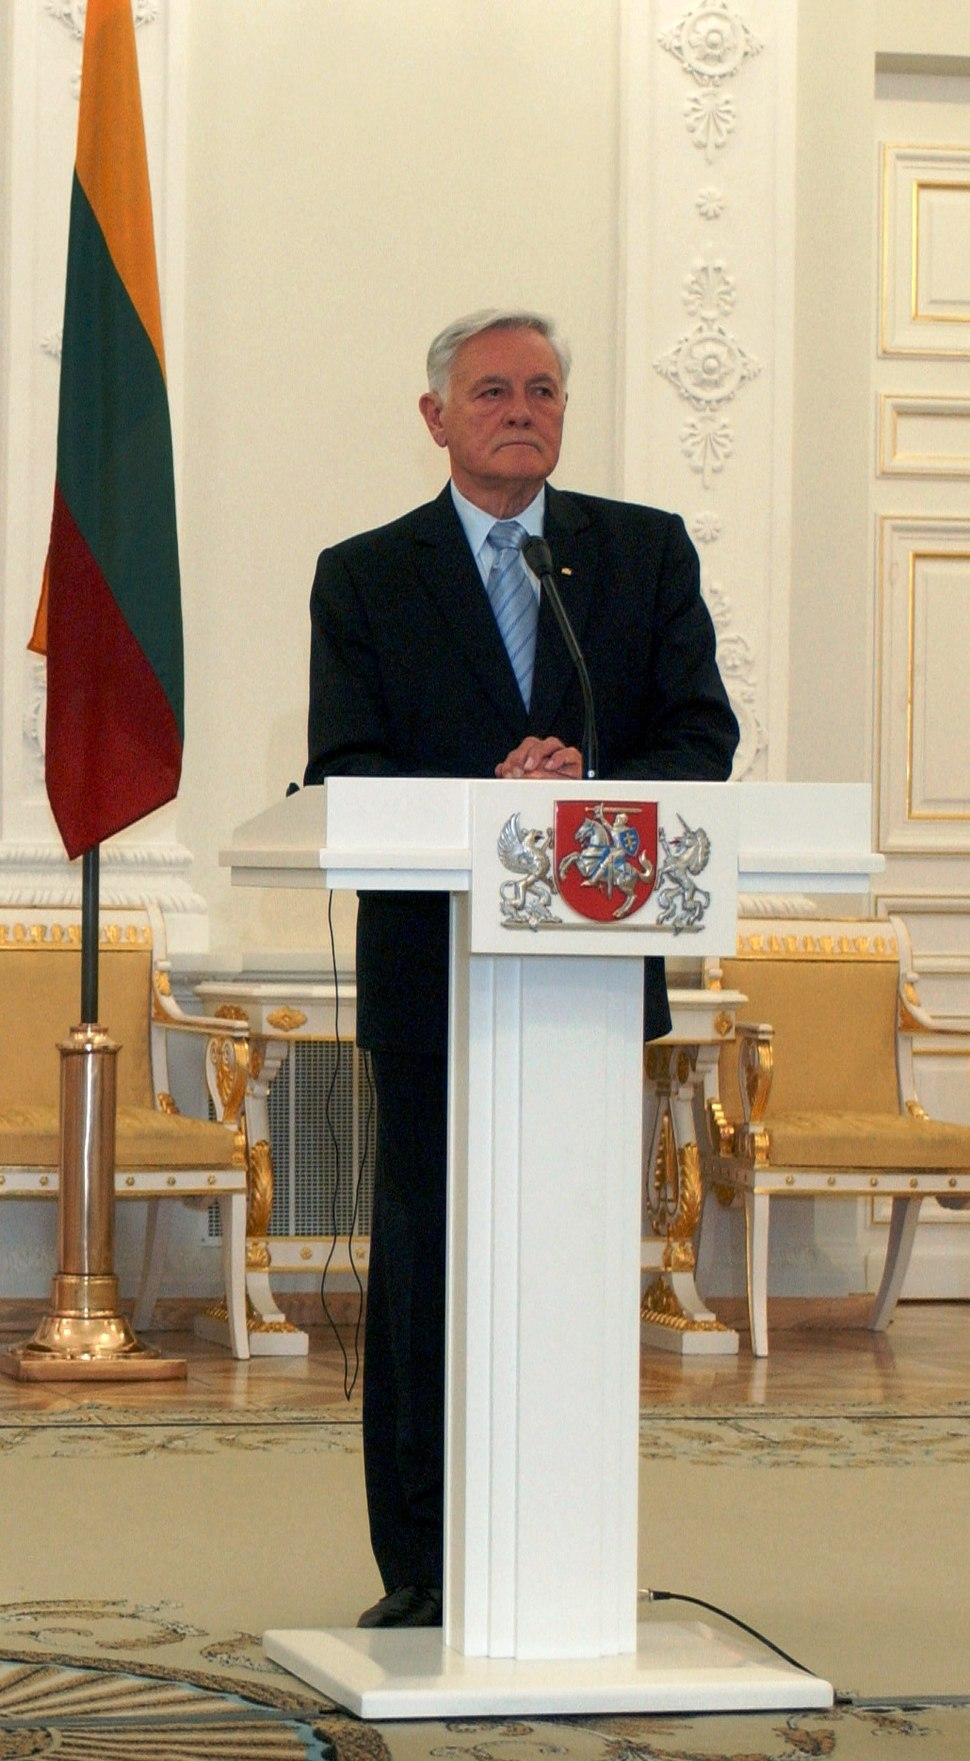 Valdas Adamkus in 2005.JPEG